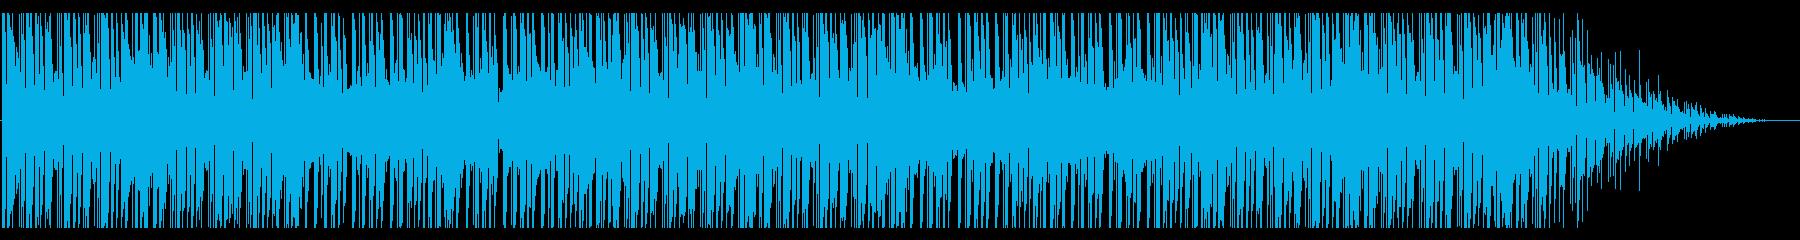 バーチャルの世界に浮くようなBGMの再生済みの波形